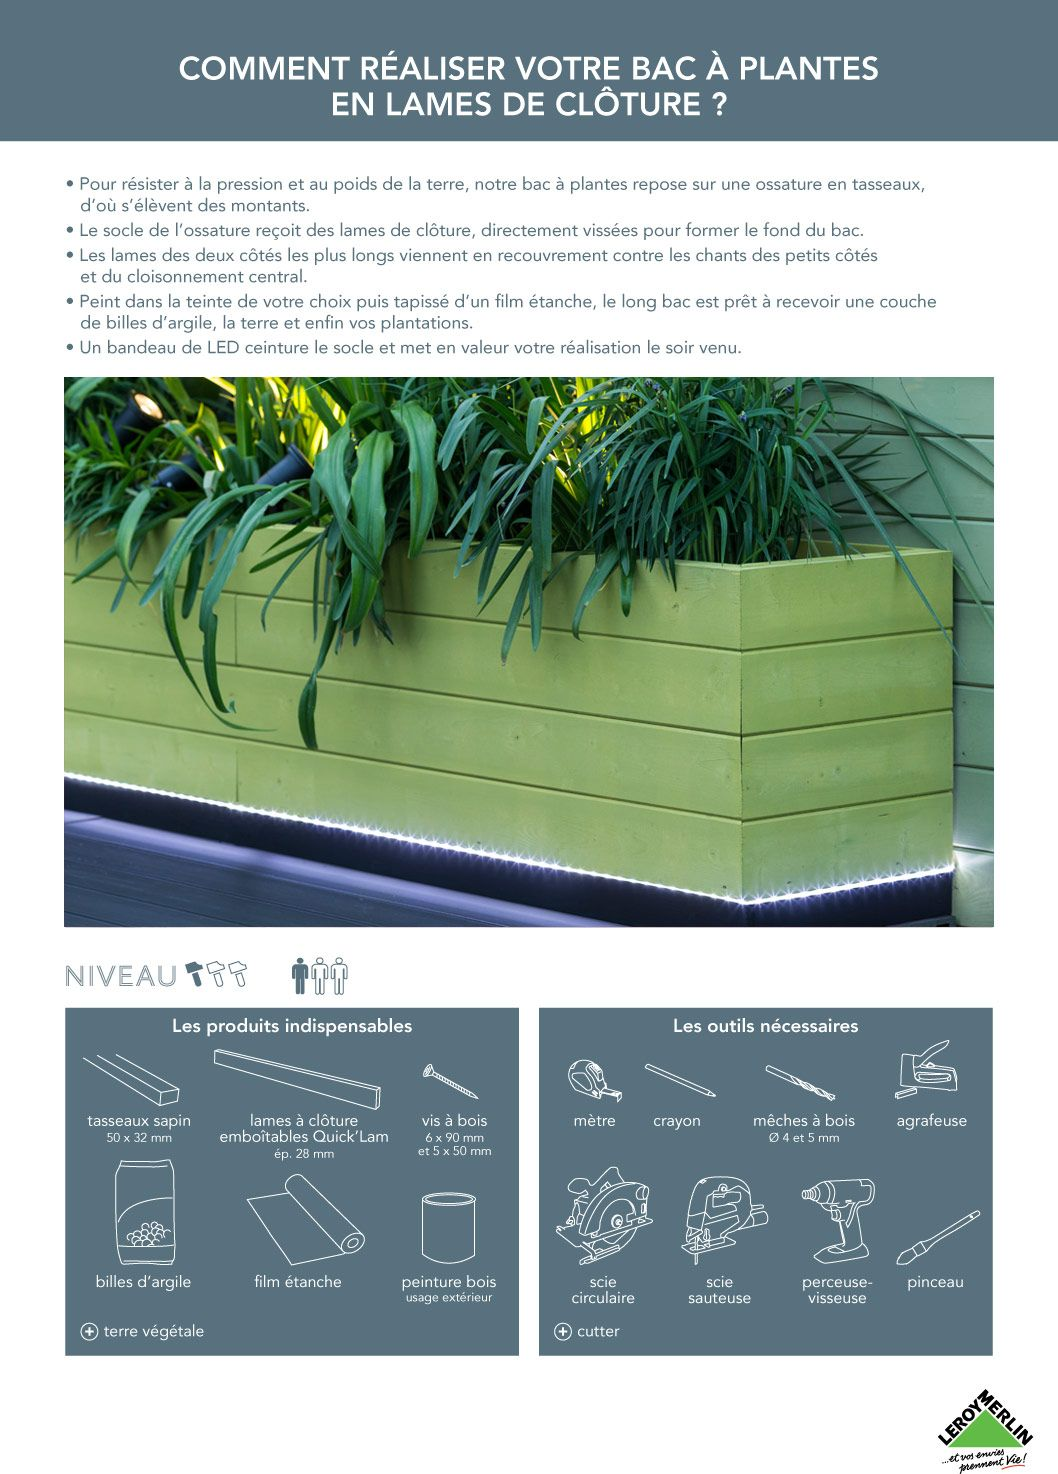 Creer Un Bac A Fleurs Avec Des Lames De Cloture Terrasse Jardin Idees Jardin Et Jardiniere En Bois